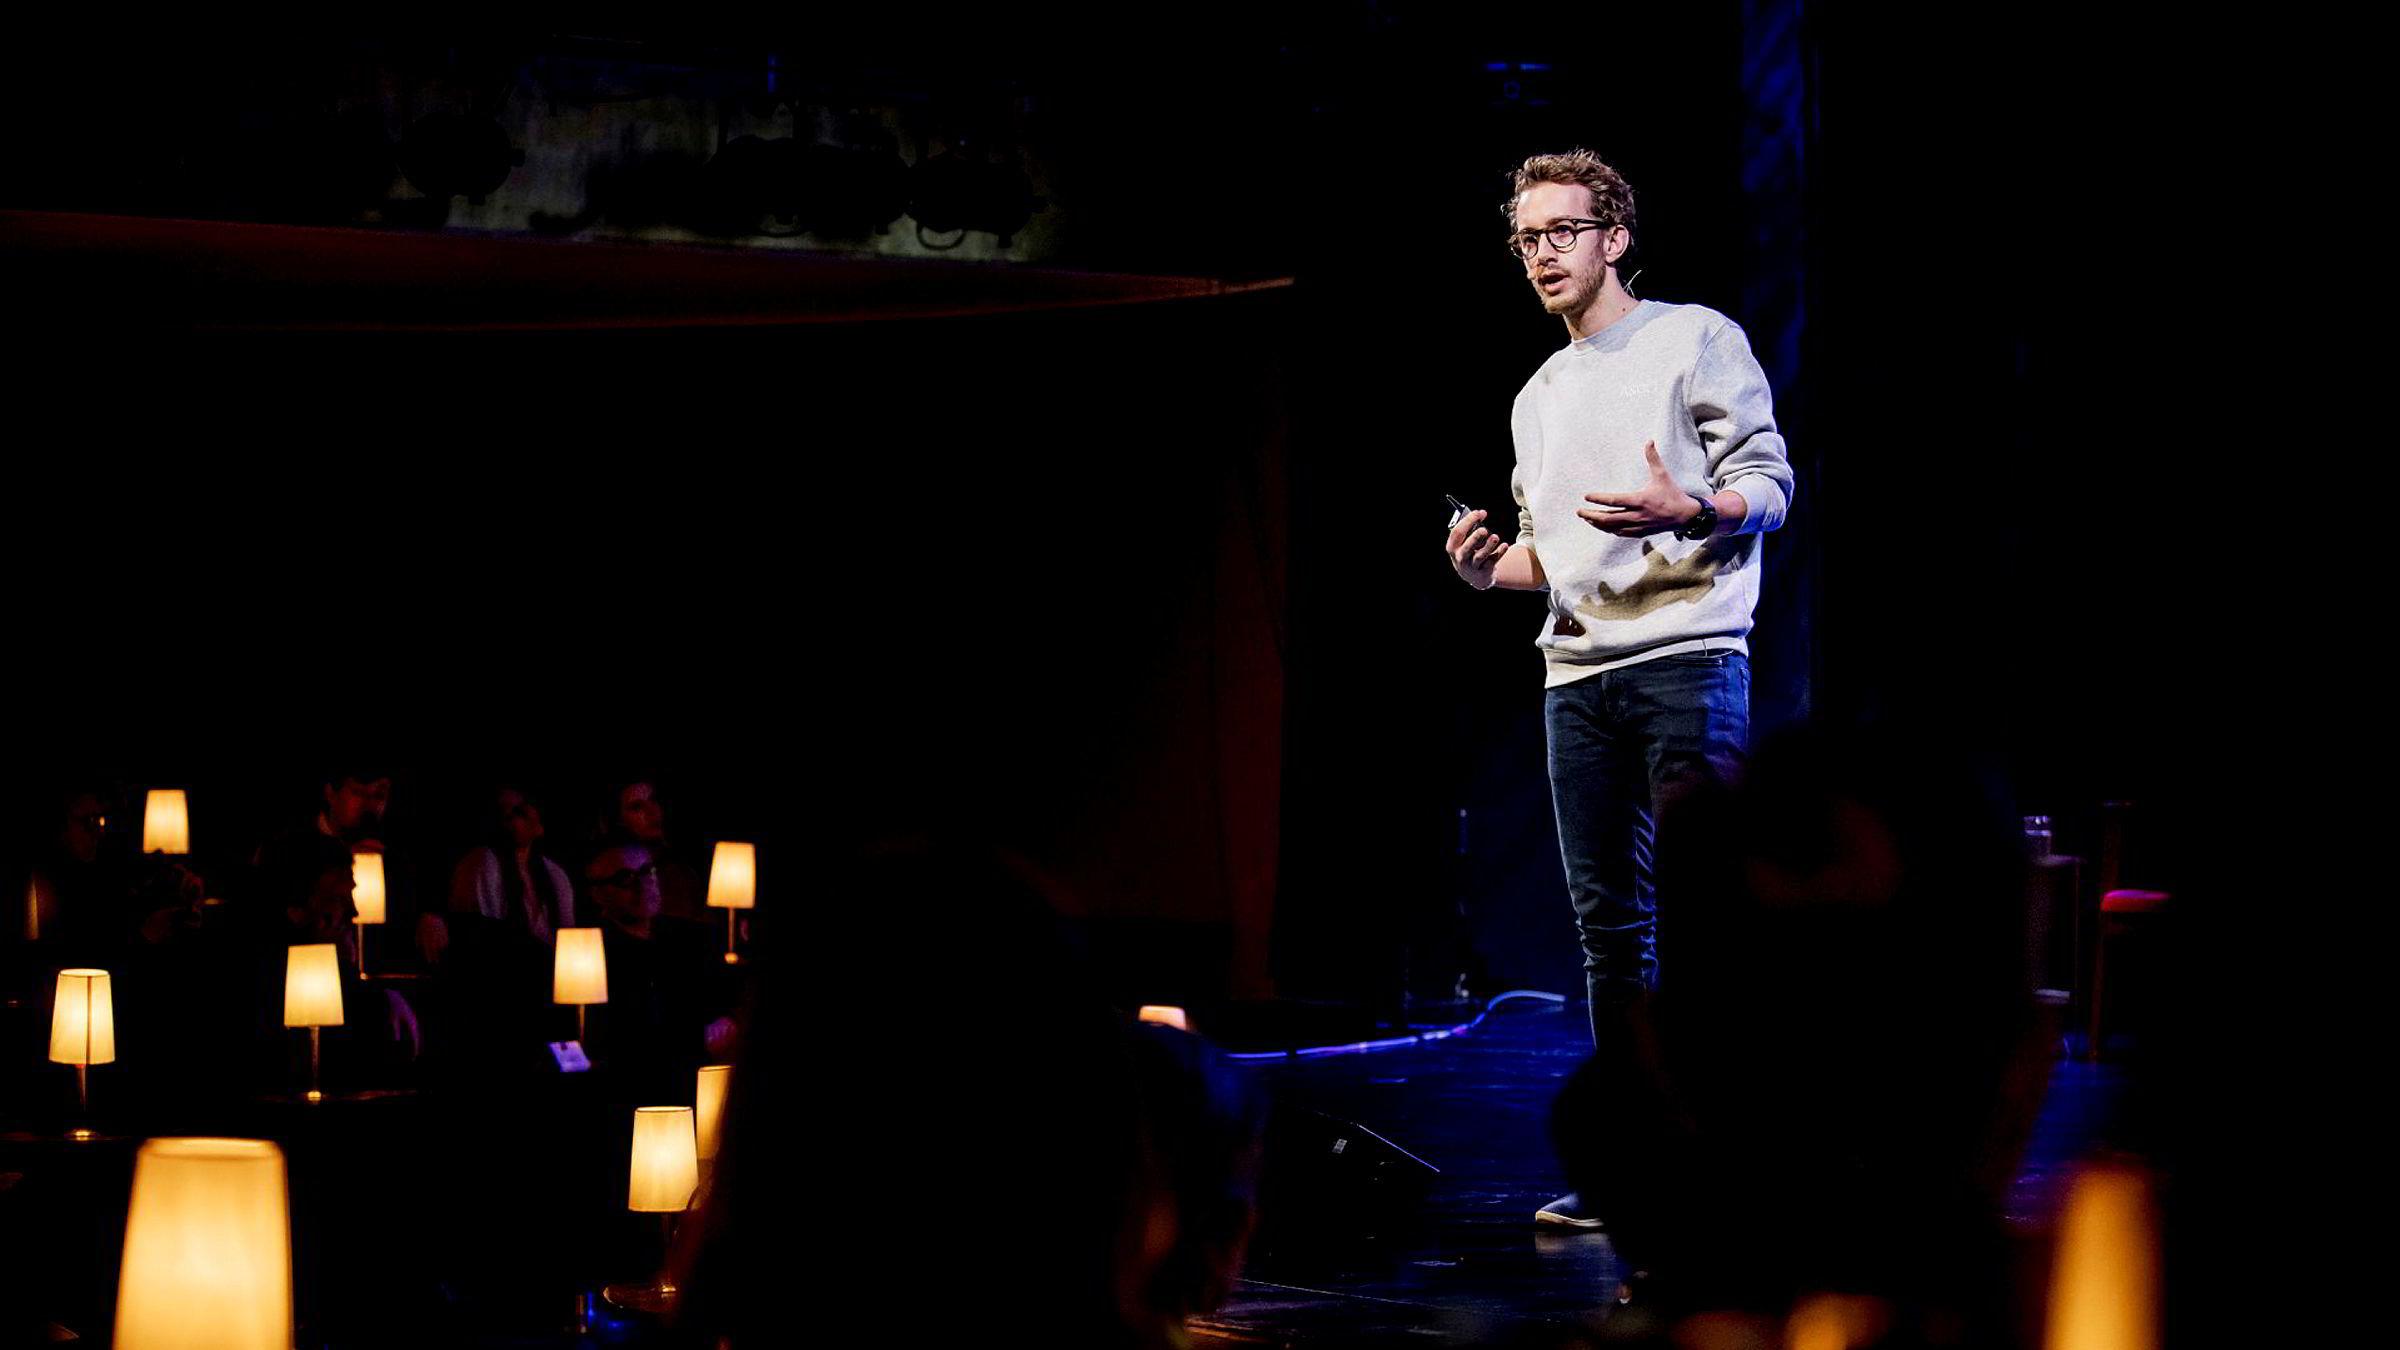 Medgründer og partner i Askeladden & Co, Martin Schütt, deltok torsdag på DNs Gaselleshow 2019 på Chat Noir i Oslo.